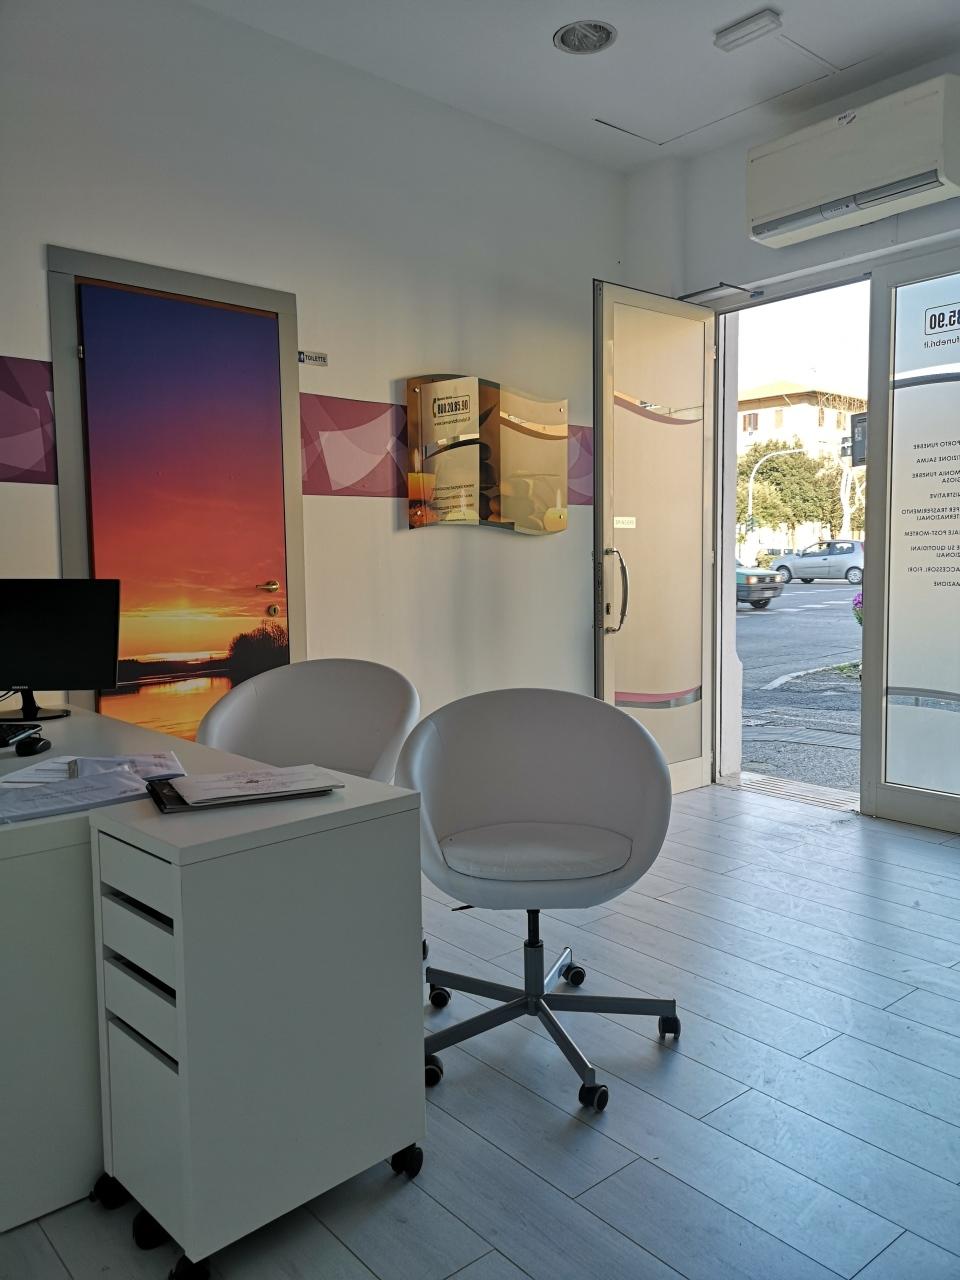 Locale commerciale - 1 Vetrina a Ospedale, Livorno Rif. 9599547